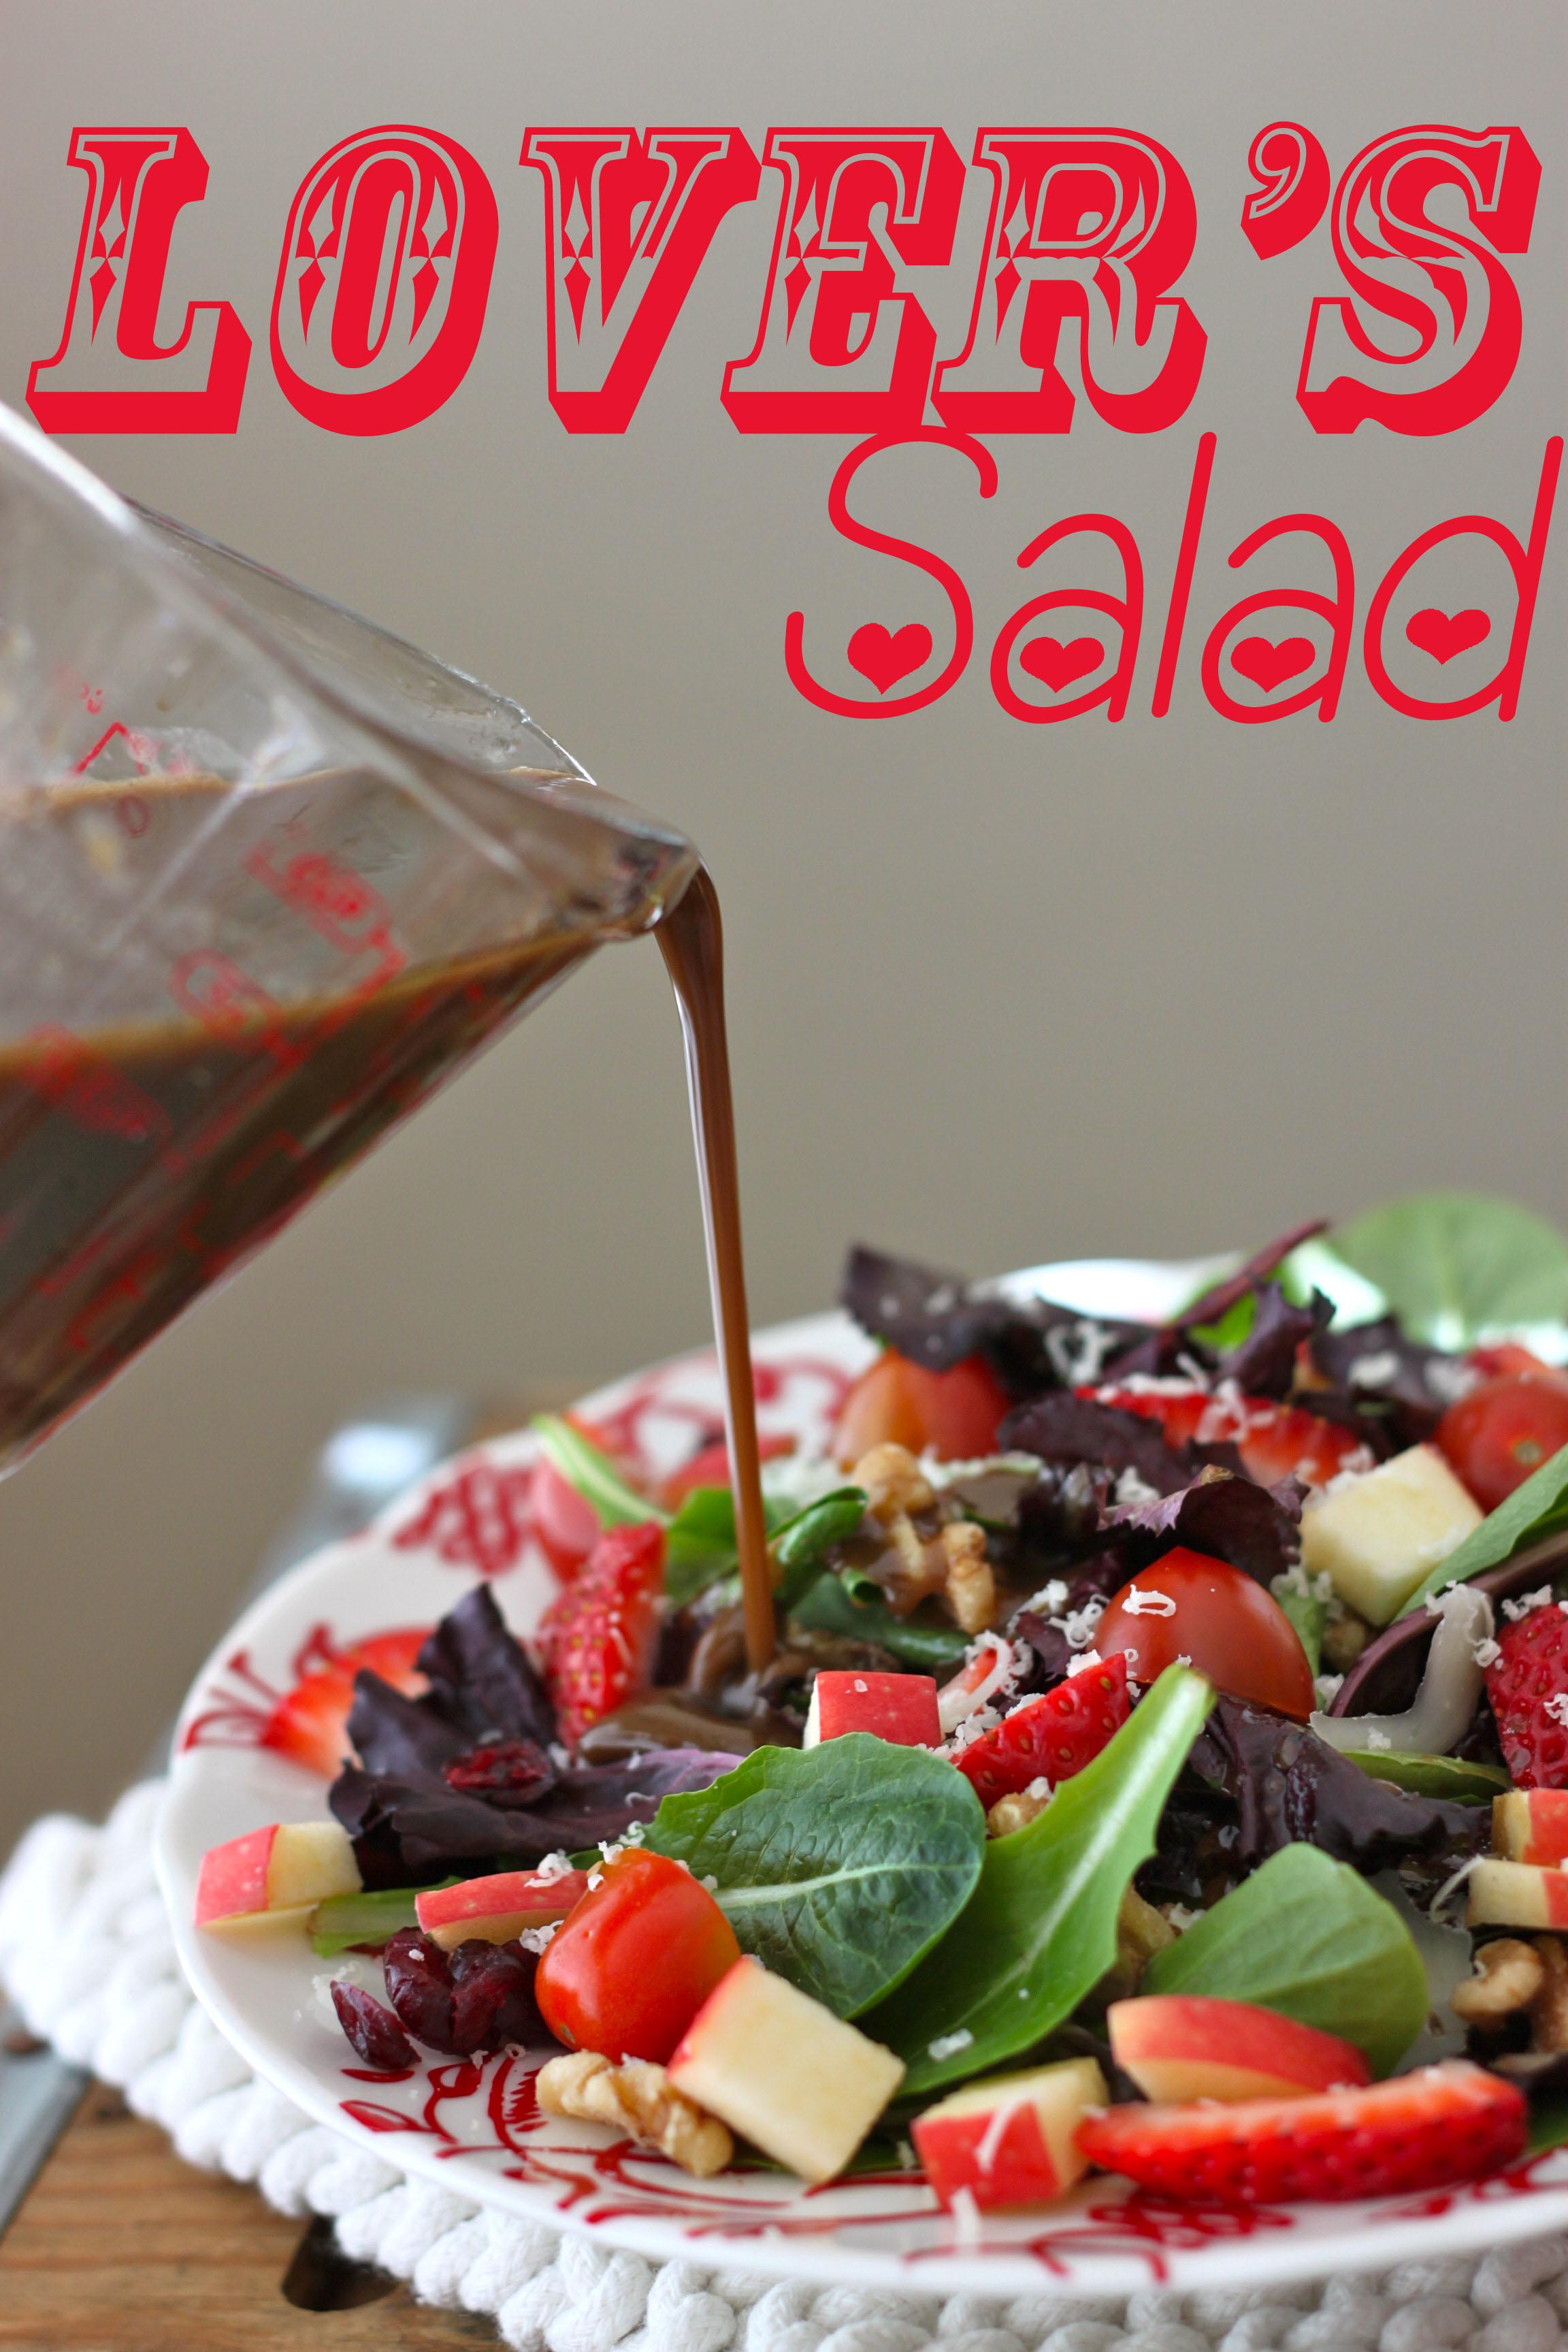 Lovers Salad